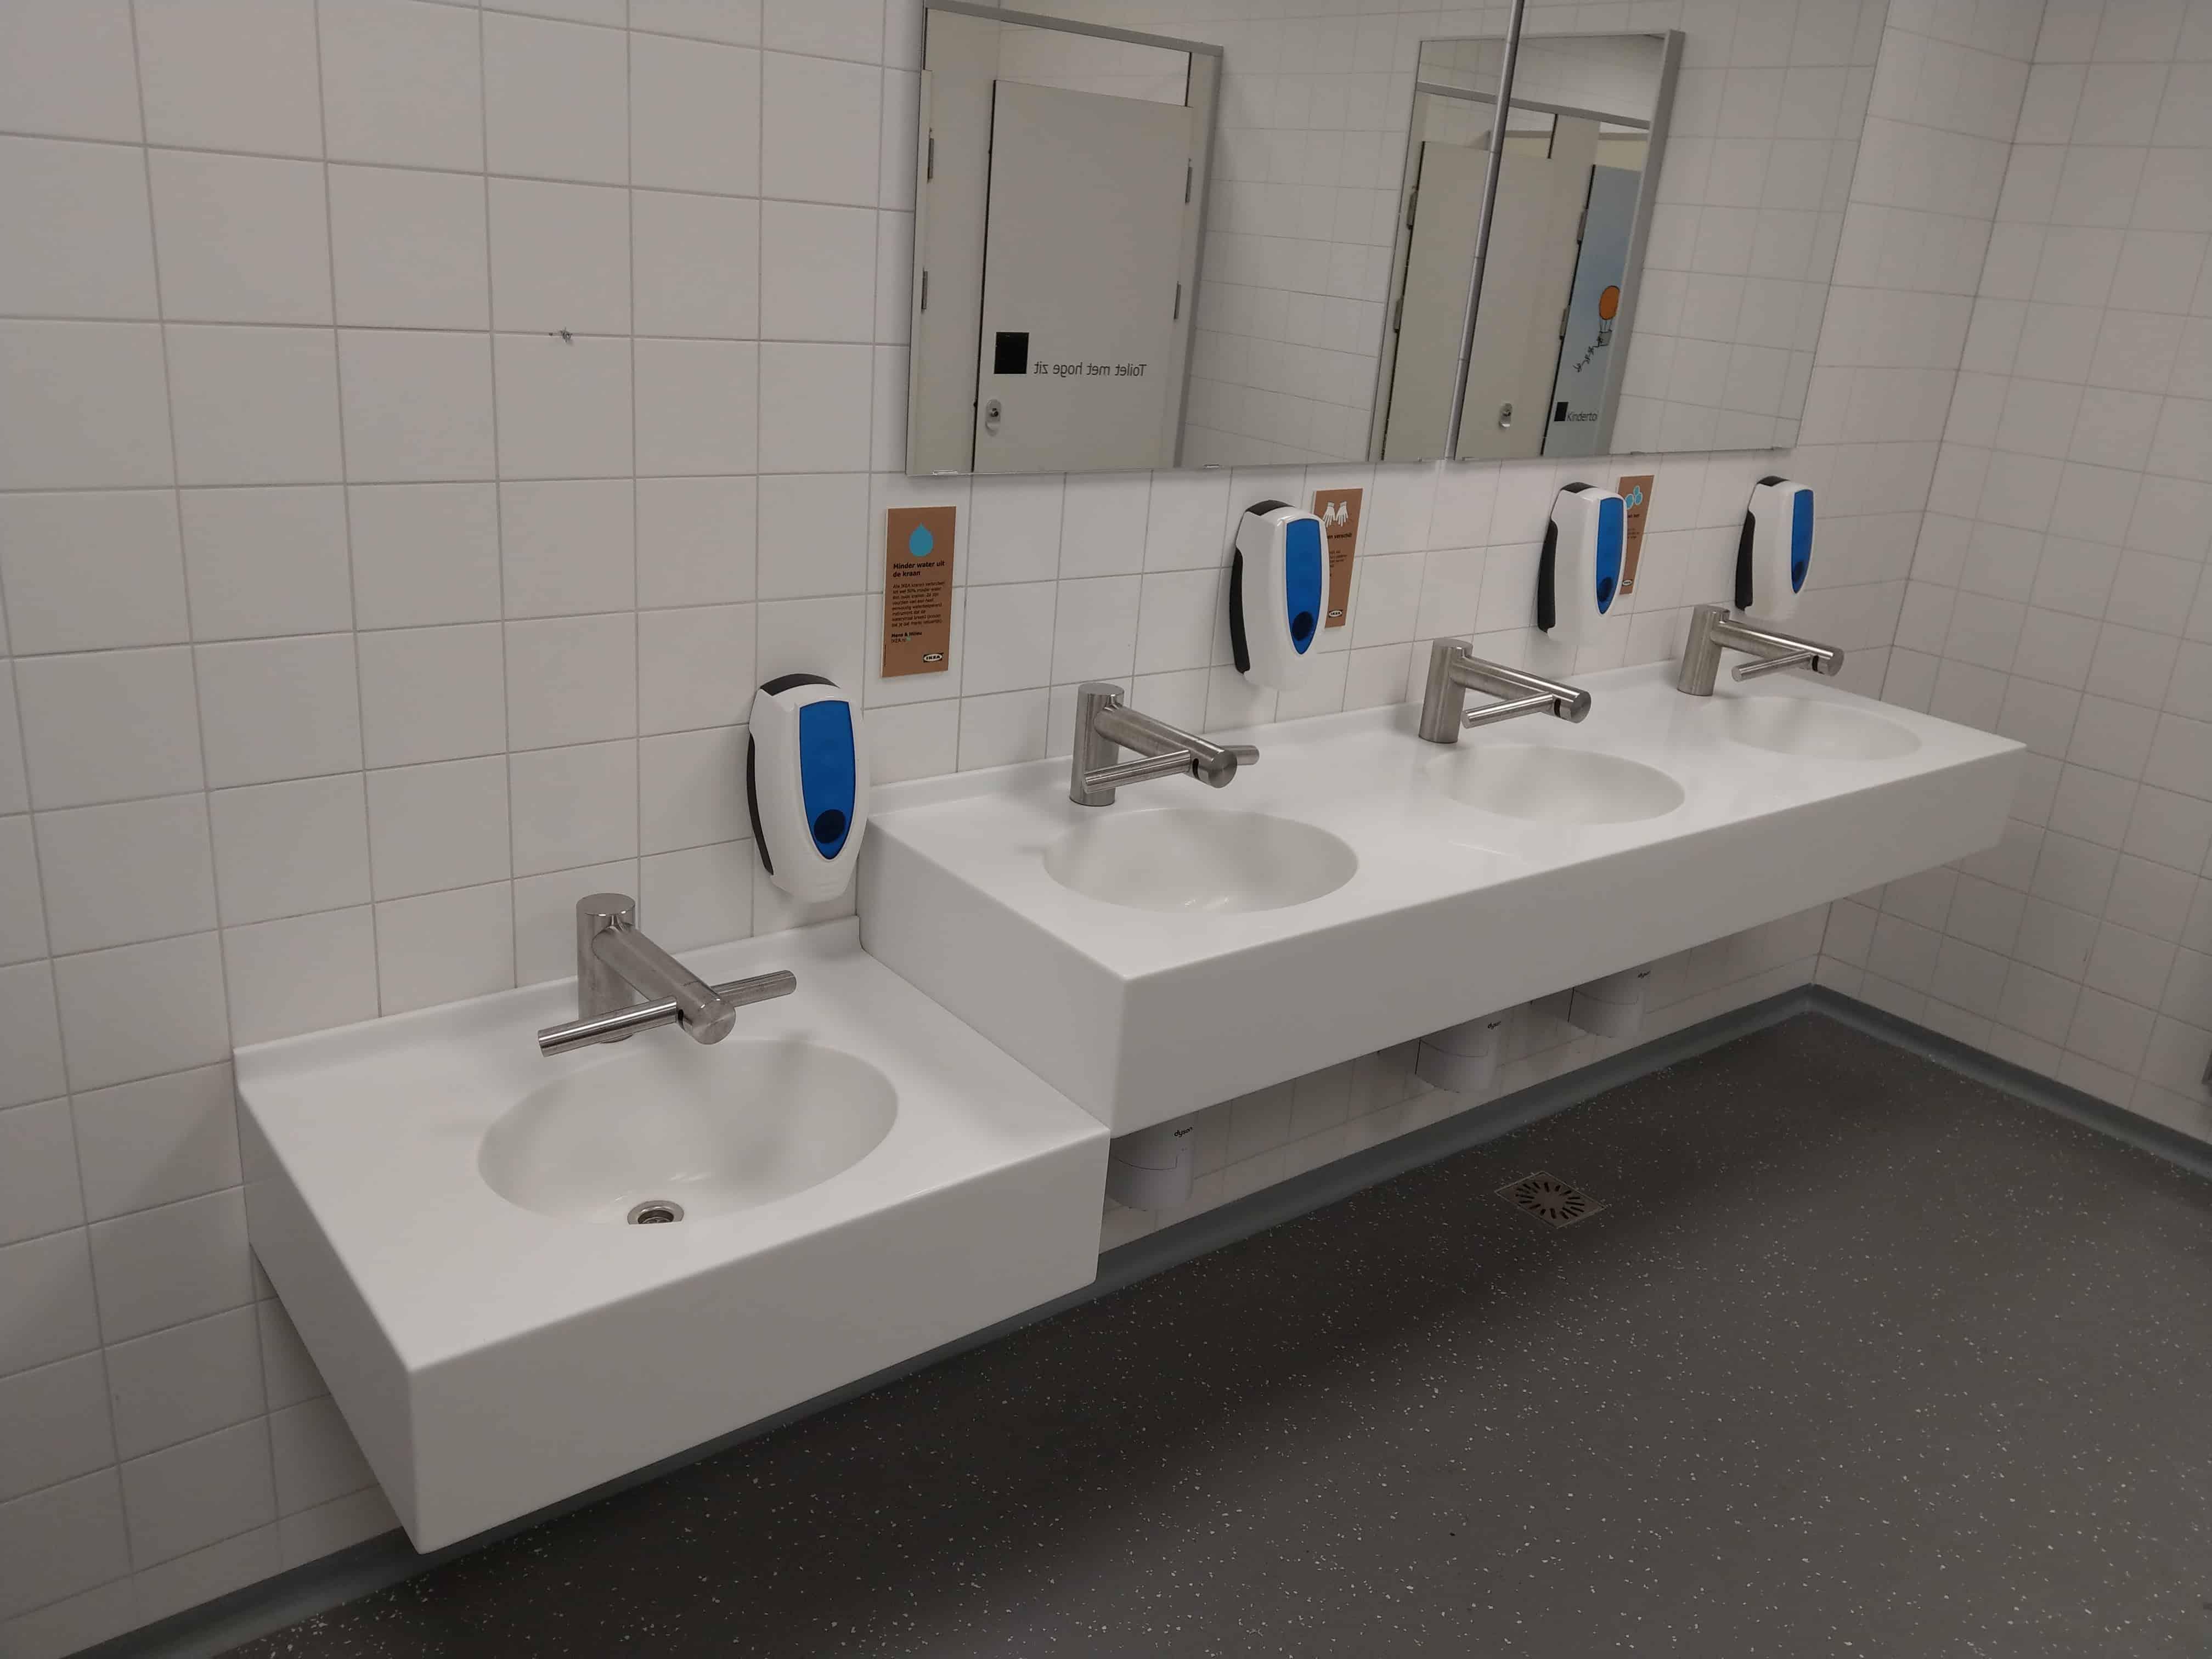 Ikea Groningen Badkamer : Wastafels in combinatie met de dyson tap geweldig succes bij ikea